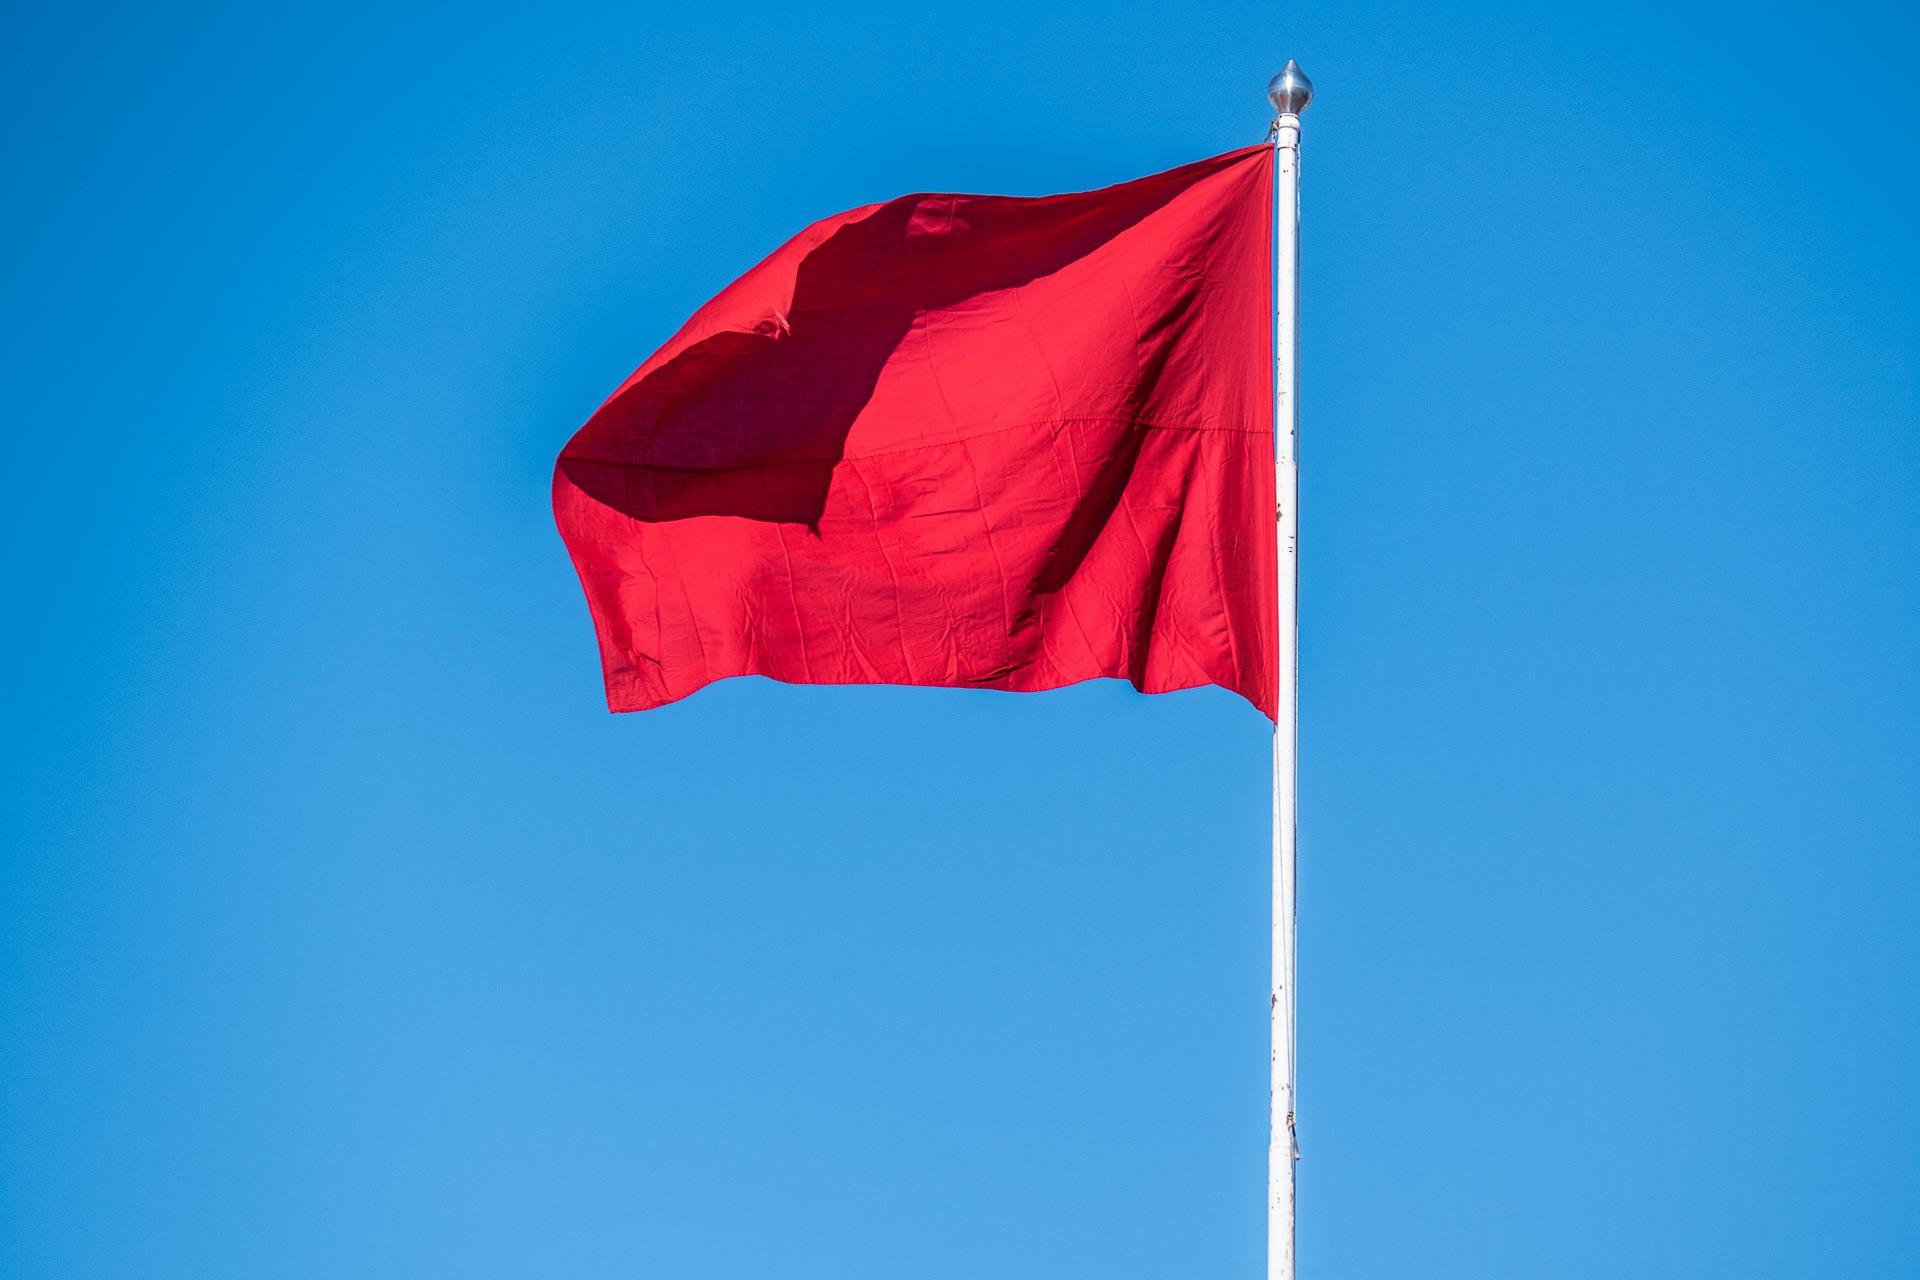 Røde flagg på dating sites